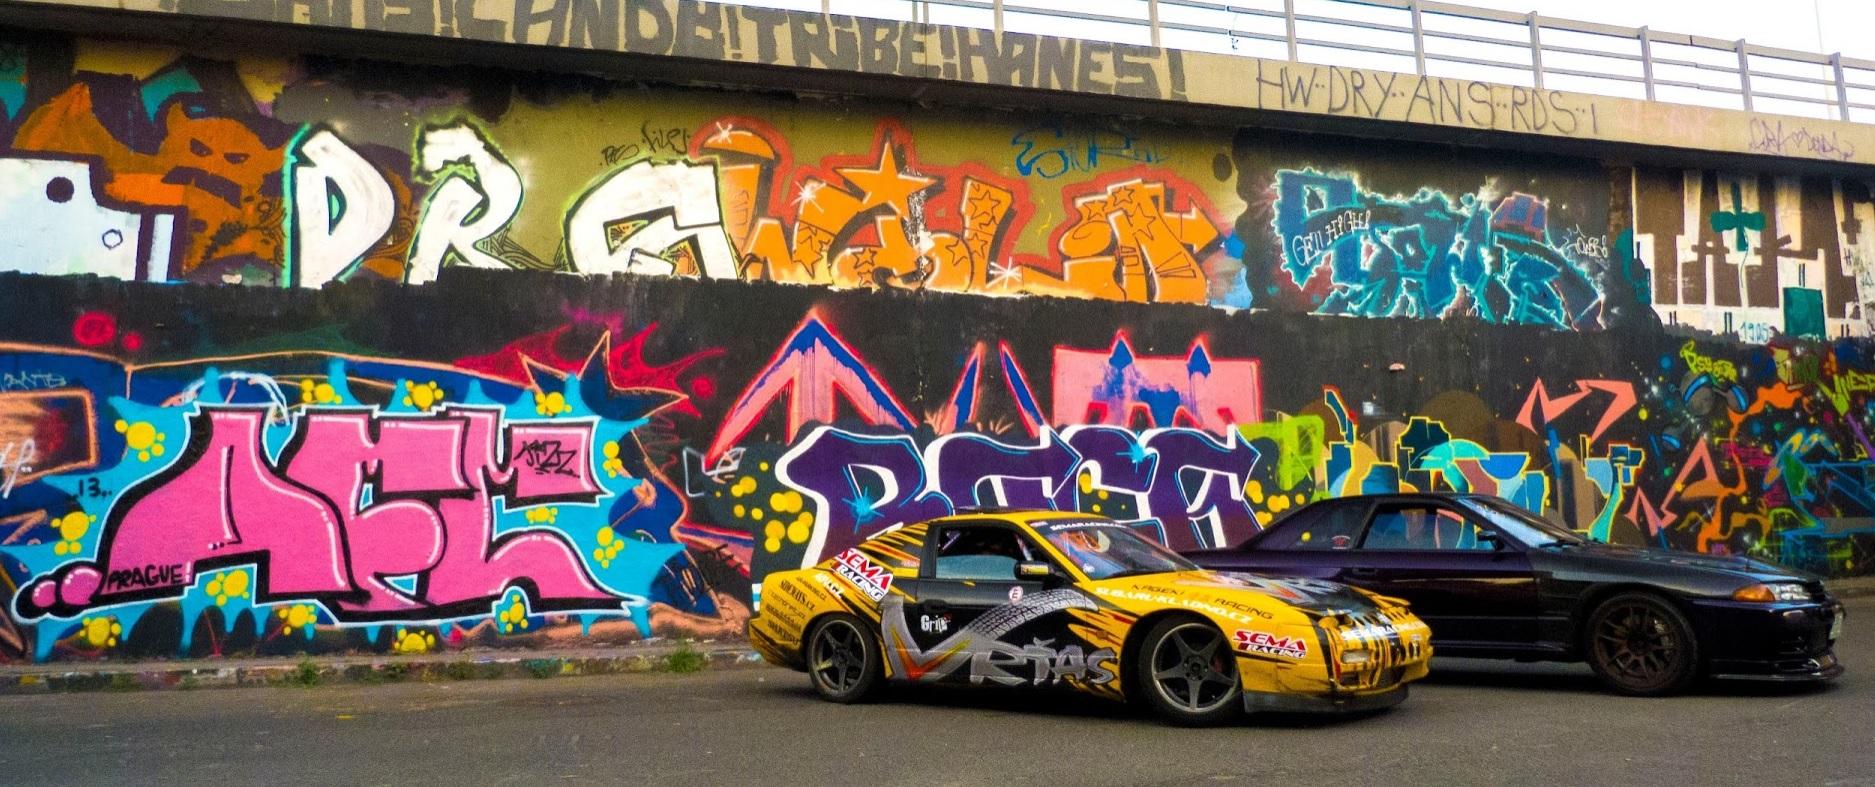 Nejlepší místo na focení s graffiti na parkovišti u Ministerstva zemědělství